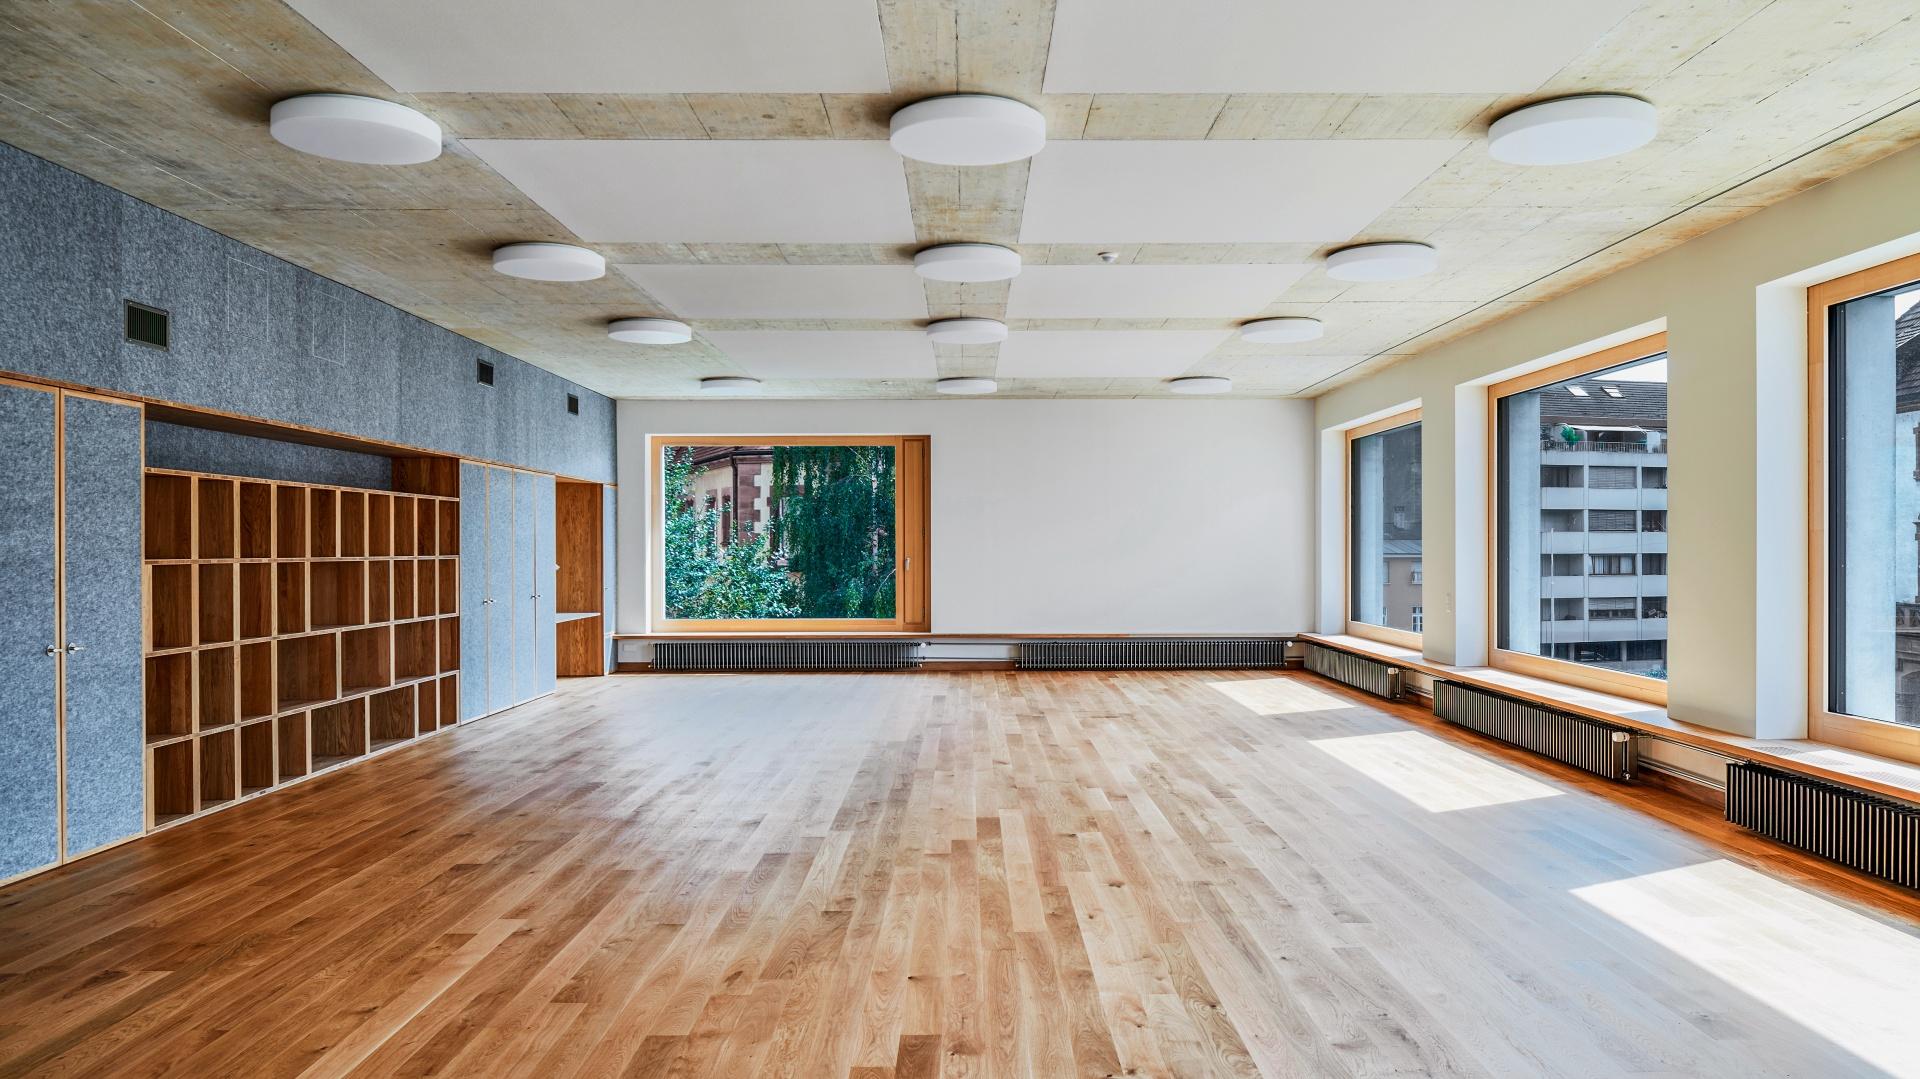 De très grandes surfaces vitrées dans la classe réservée à l'histoire naturelle. À gauche, des plaques en PET recyclé de couleur cendre disposent d'un effet insonorisant. © Roman Weyeneth